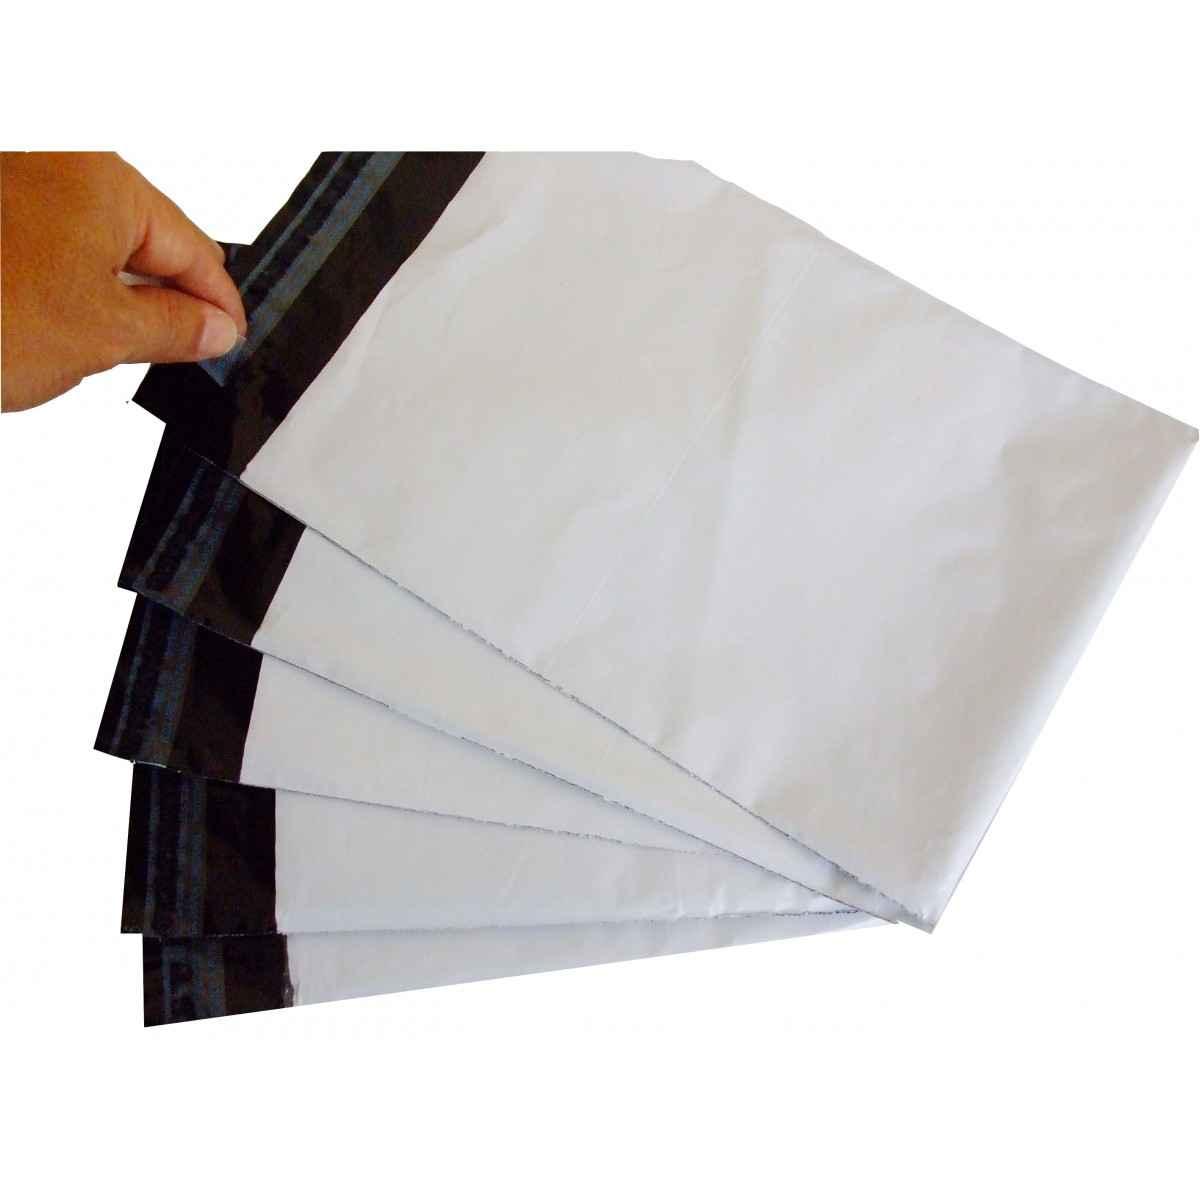 Envelope adesivado de correio